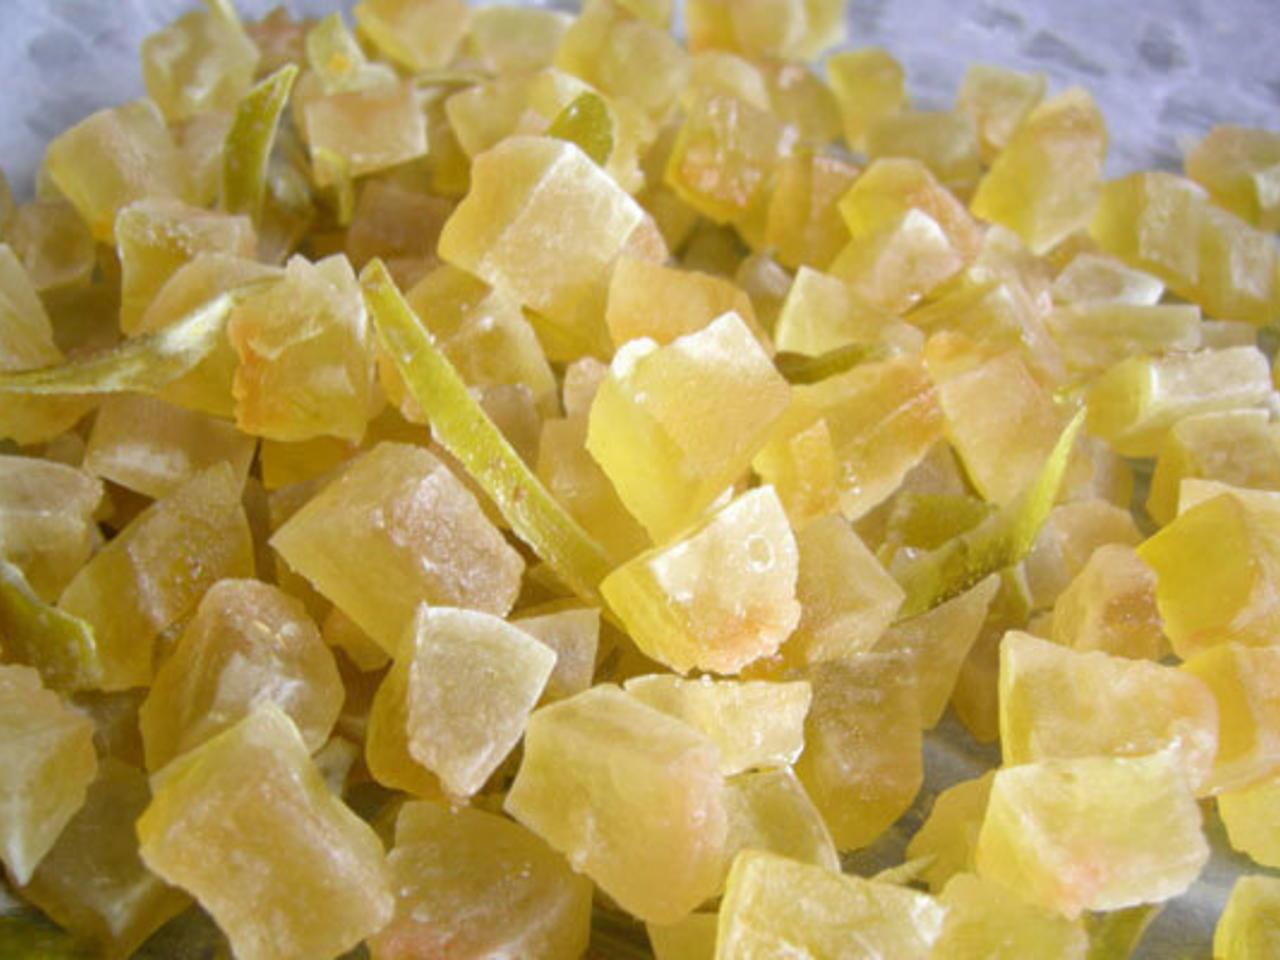 Цукаты из арбузных корок- лучшие домашние рецепты приготовления